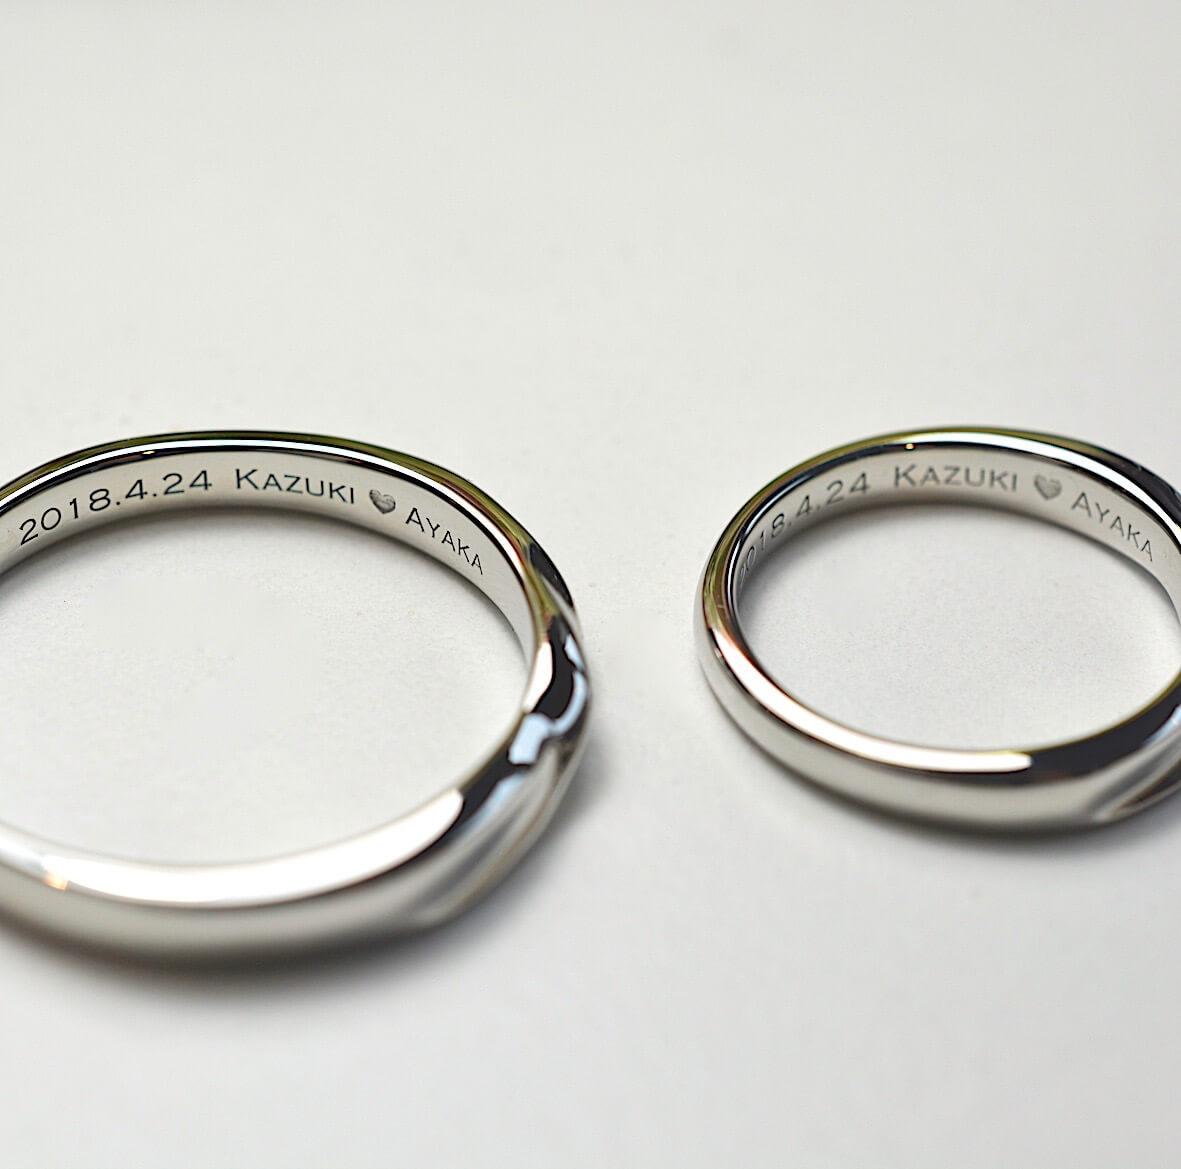 内側には何を刻む?@手作り結婚指輪 工房スミス札幌店